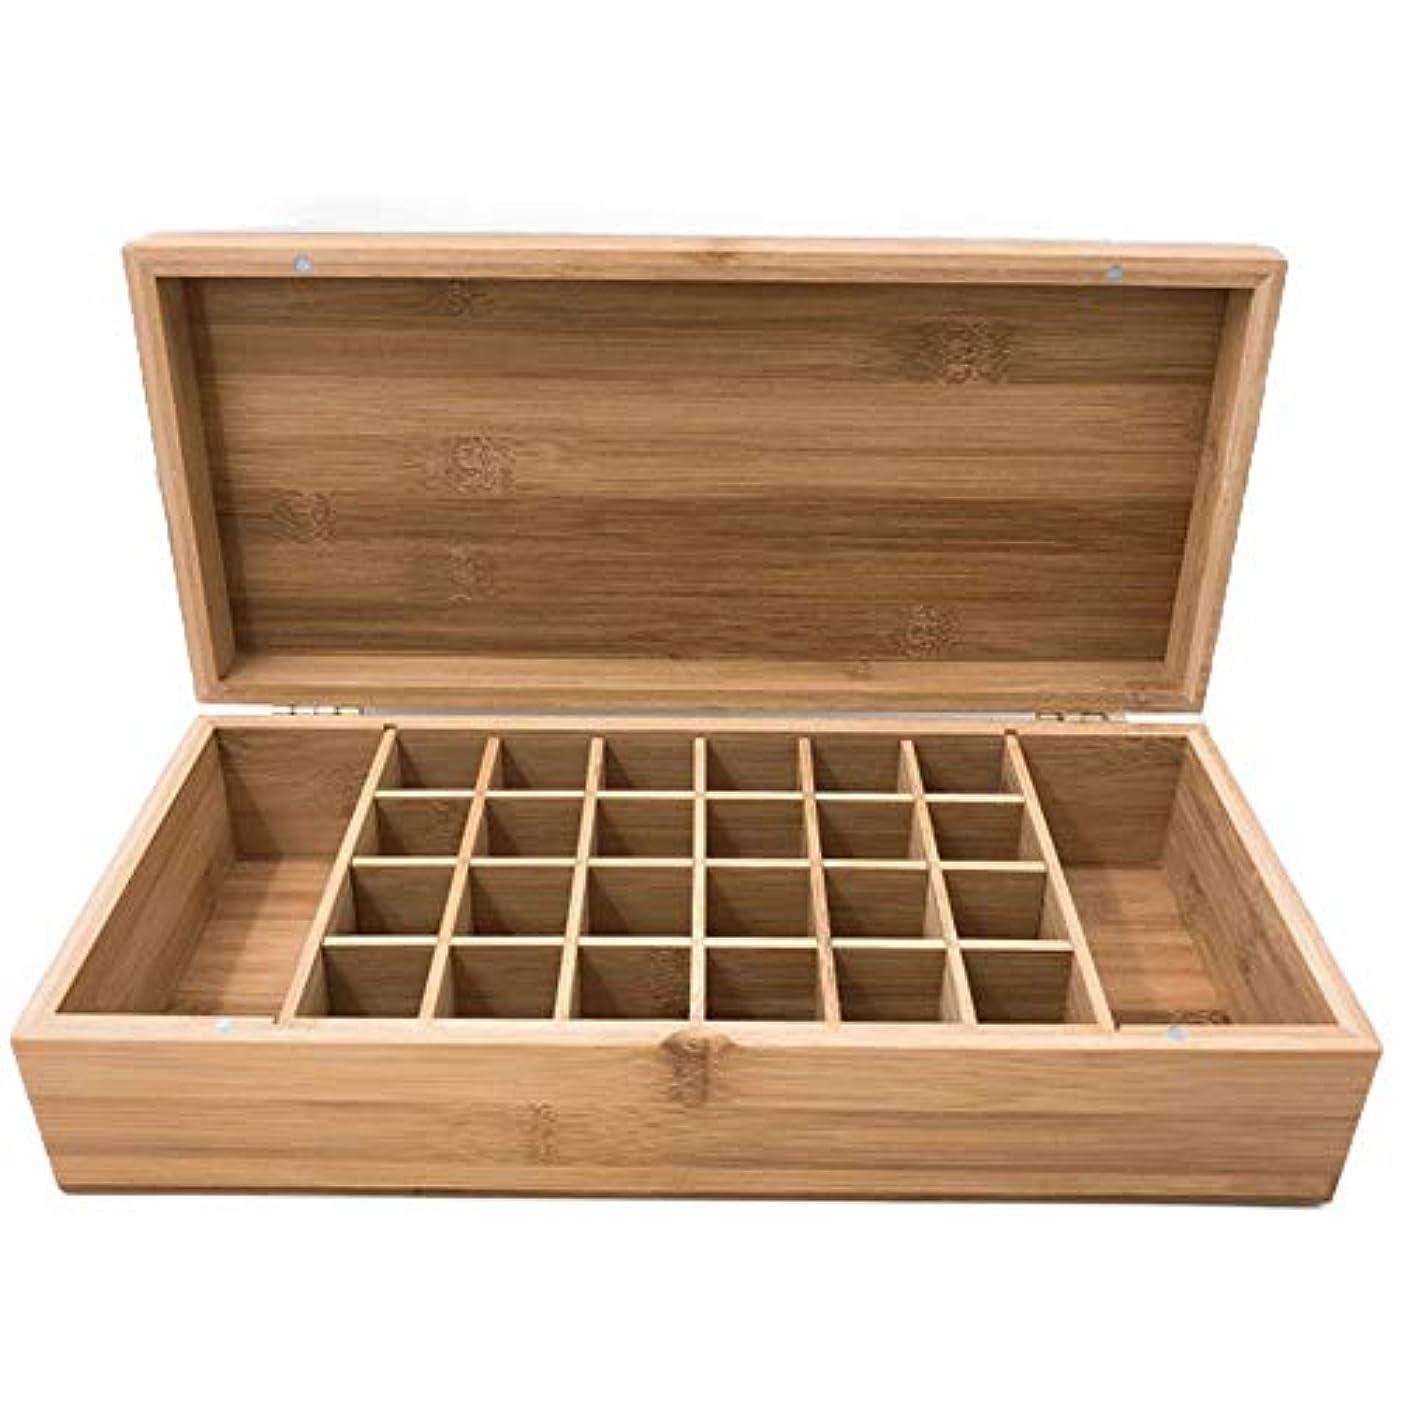 しかしながら活発完璧アロマセラピー油ボトル用エッセンシャルオイルストレージボックス26スロットは木製主催キャリングケース アロマセラピー製品 (色 : Natural, サイズ : 33.5X15X8.3CM)